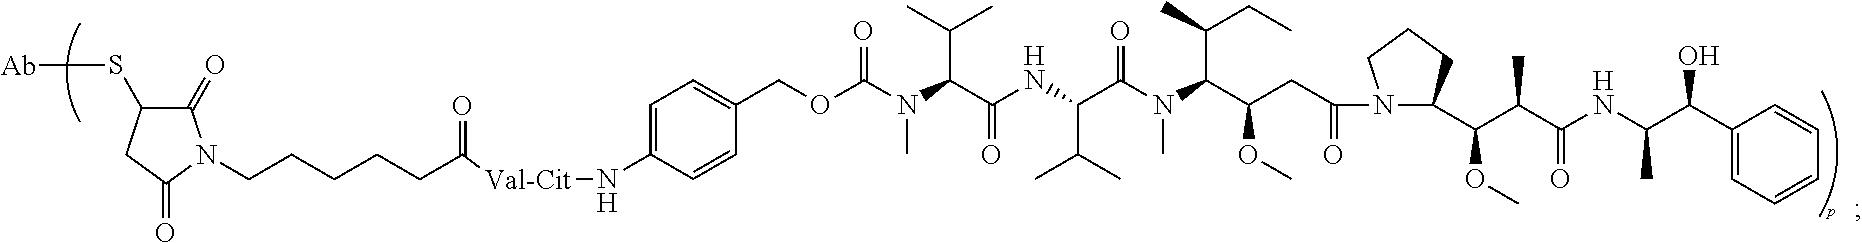 Figure US10059768-20180828-C00018